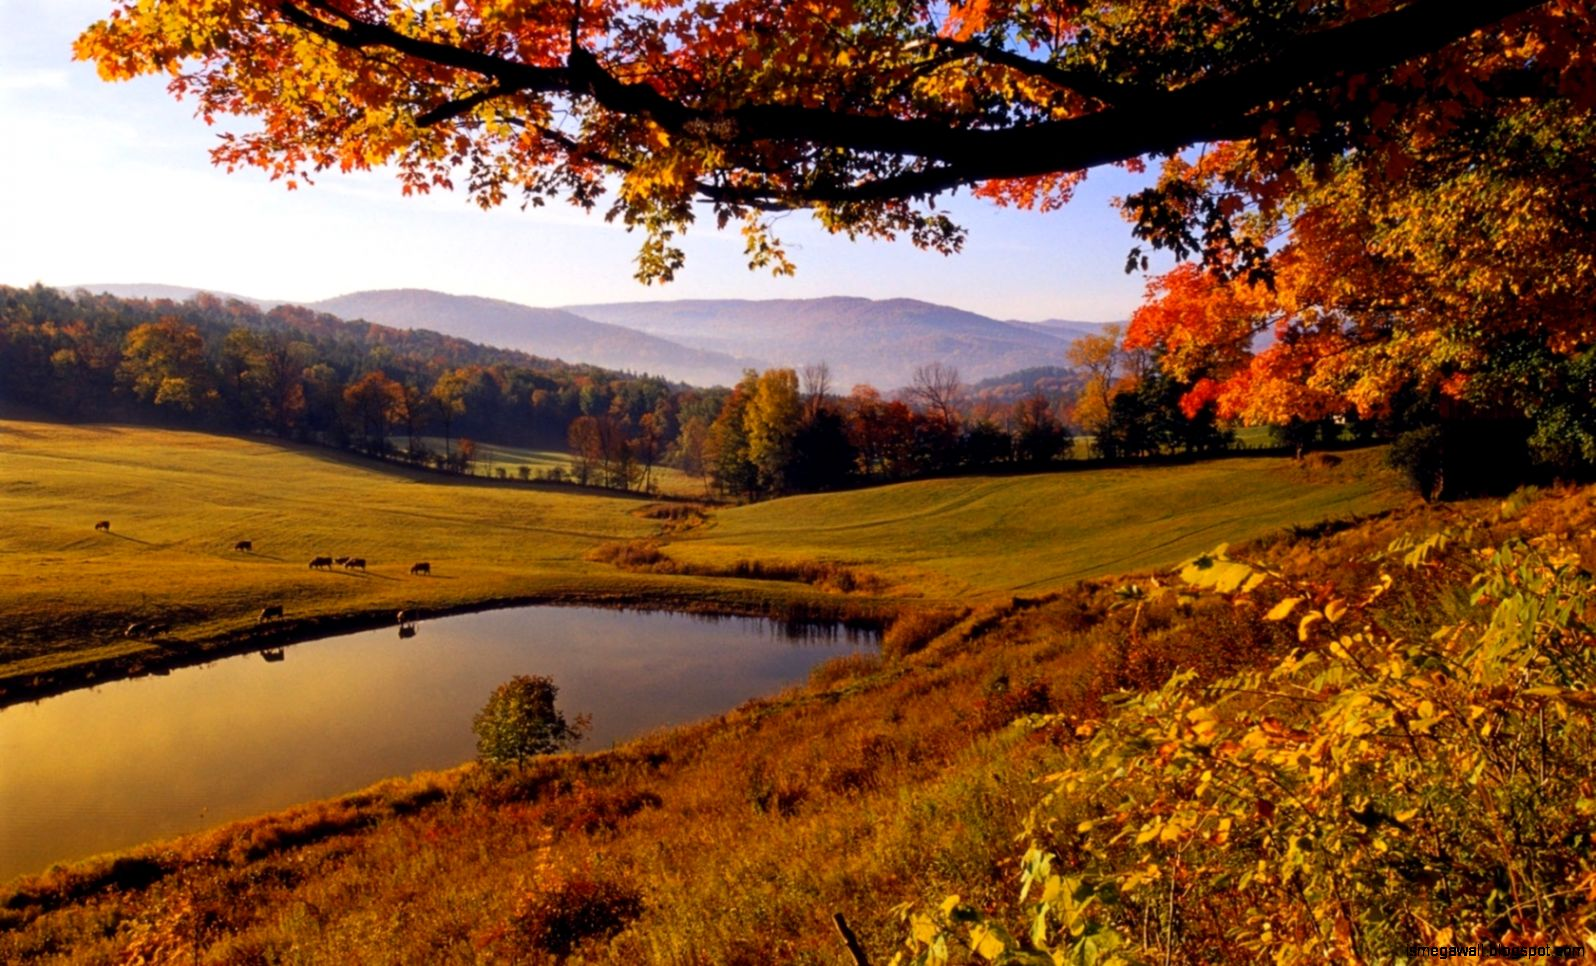 Autumn Desktop Wallpaper Amazing Wallpapers